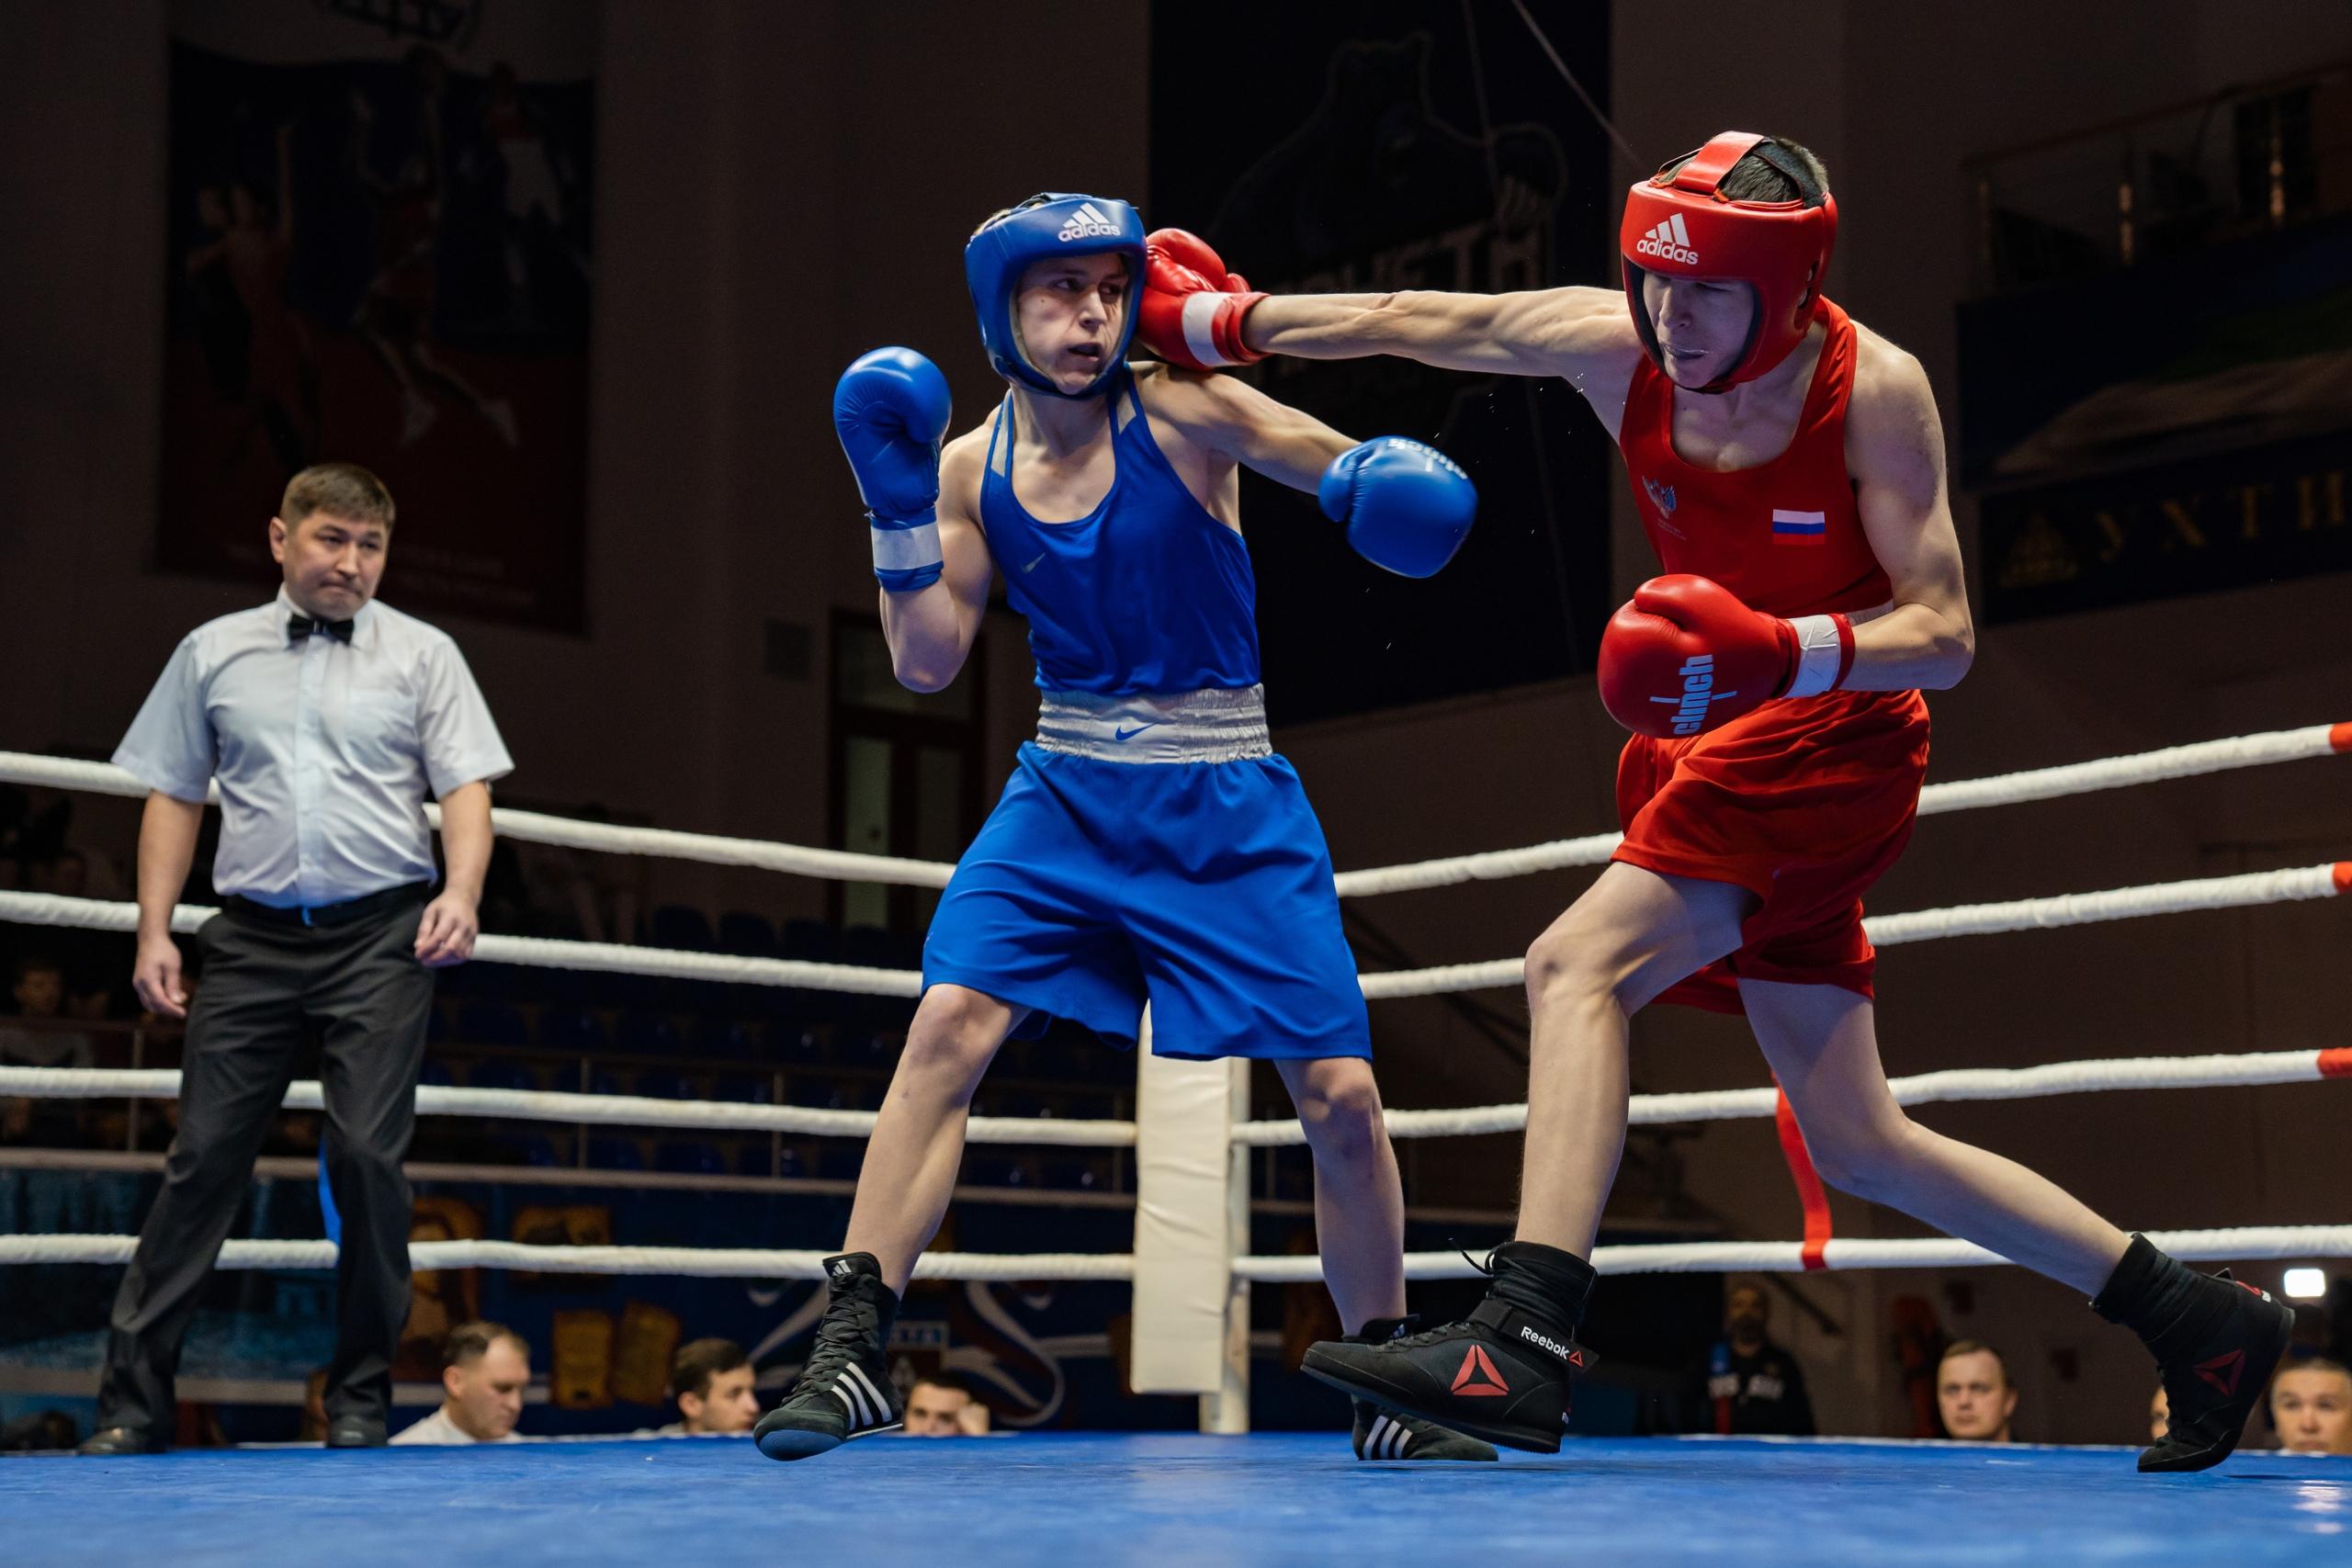 Фото с первенства СЗФО по боксу среди юниоров Ухта 2020_3